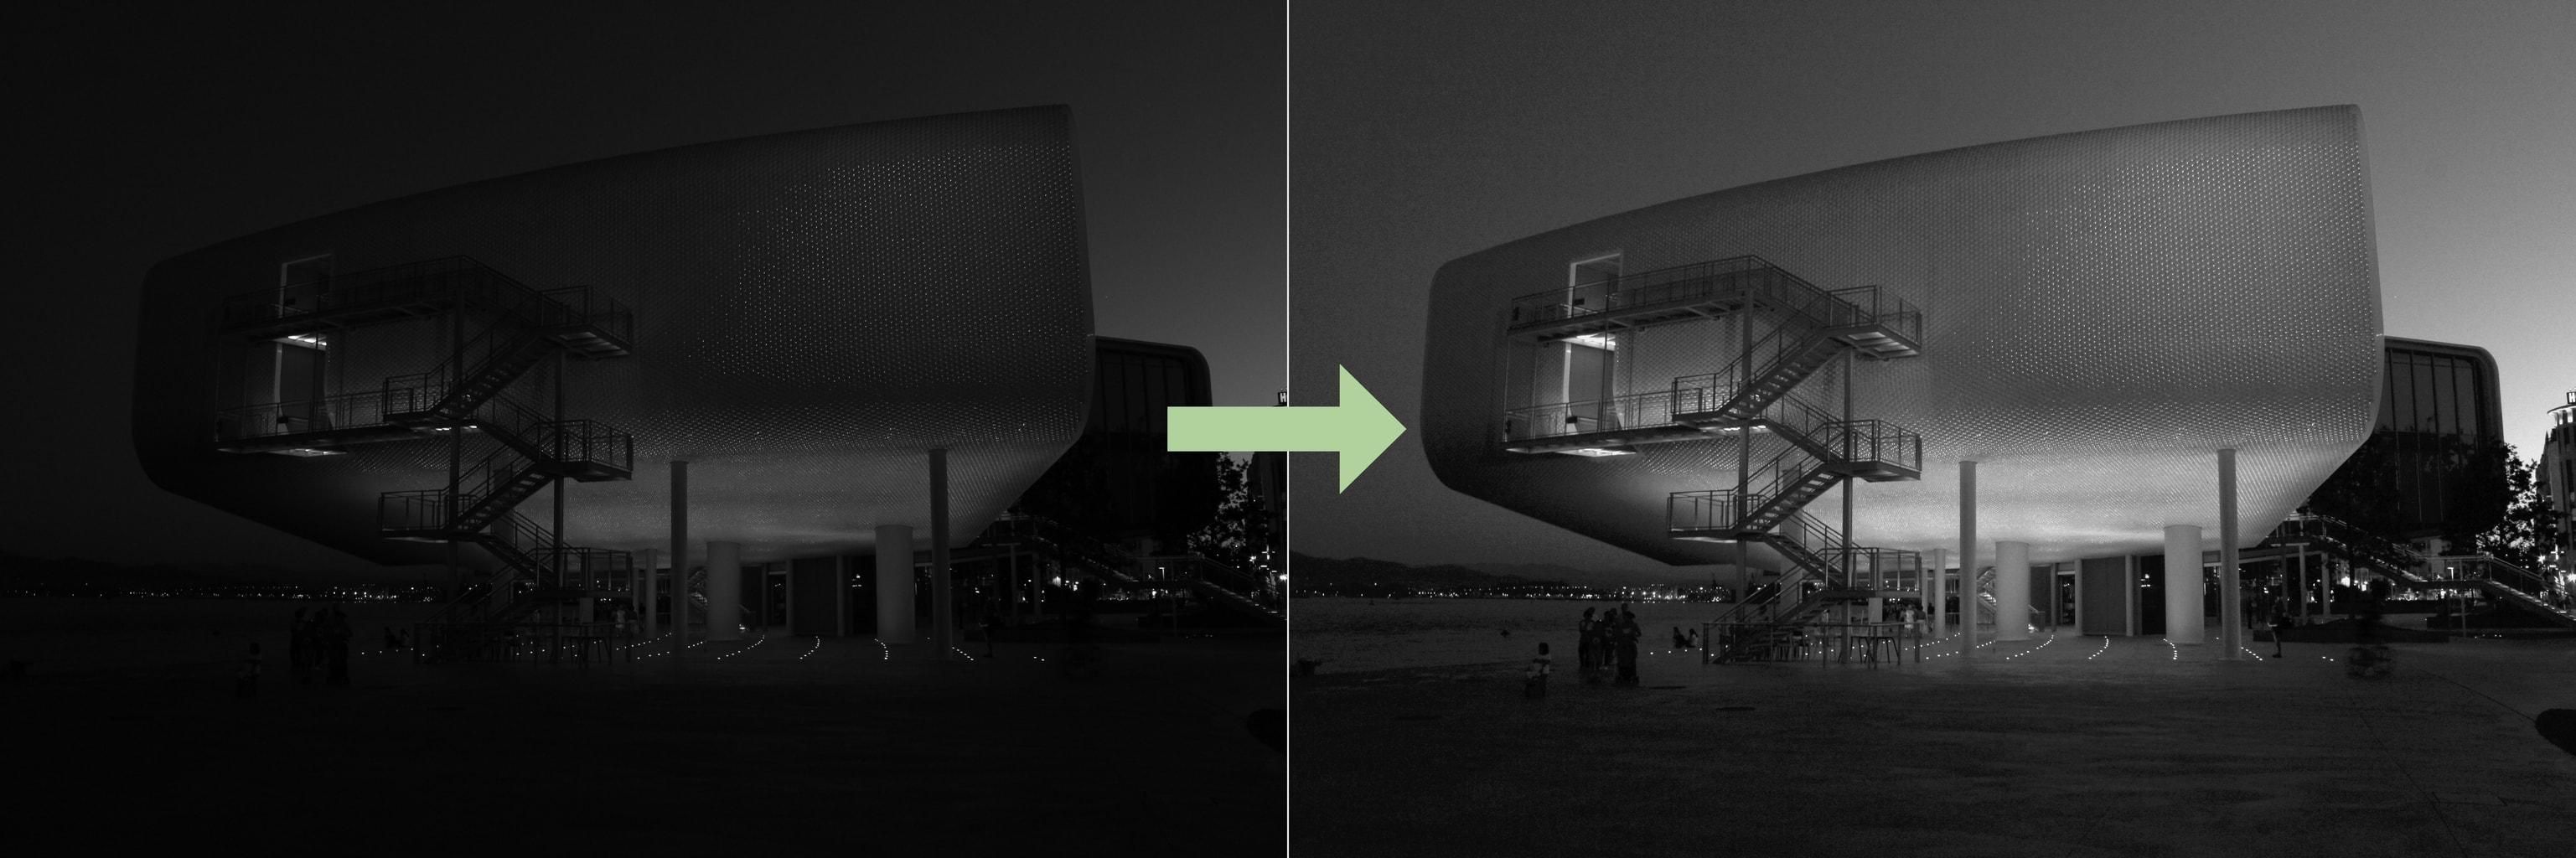 fotografías en blanco y negro capas de ajuste